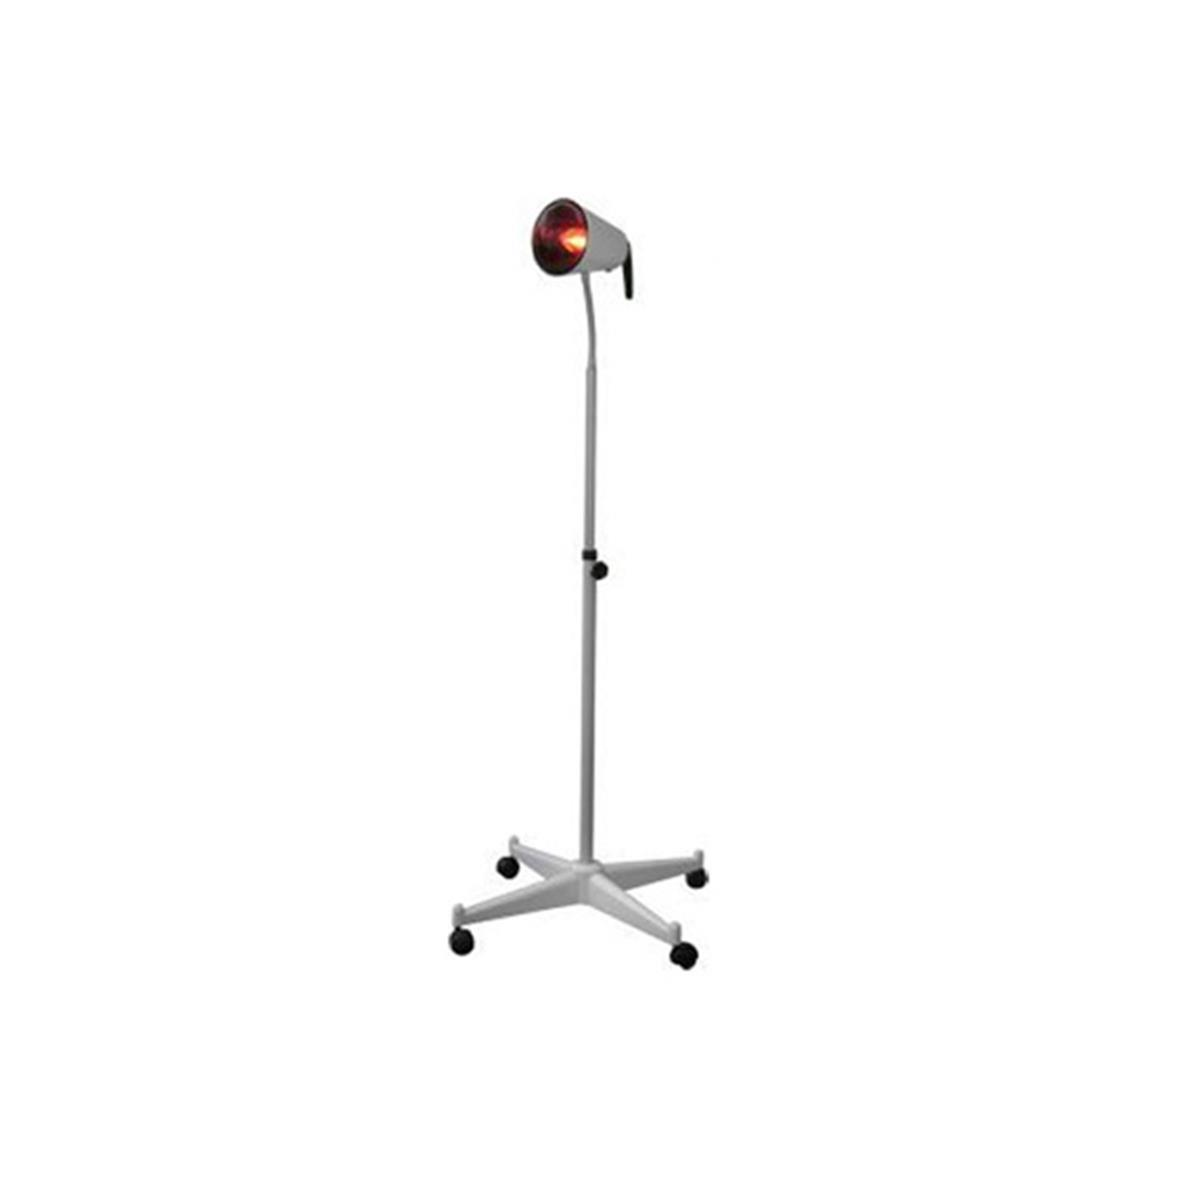 Infravermelho De Pedestal Sem Dimmer Com Lâmpada Para Fisioterapia, Termoterapia 220V - Carci